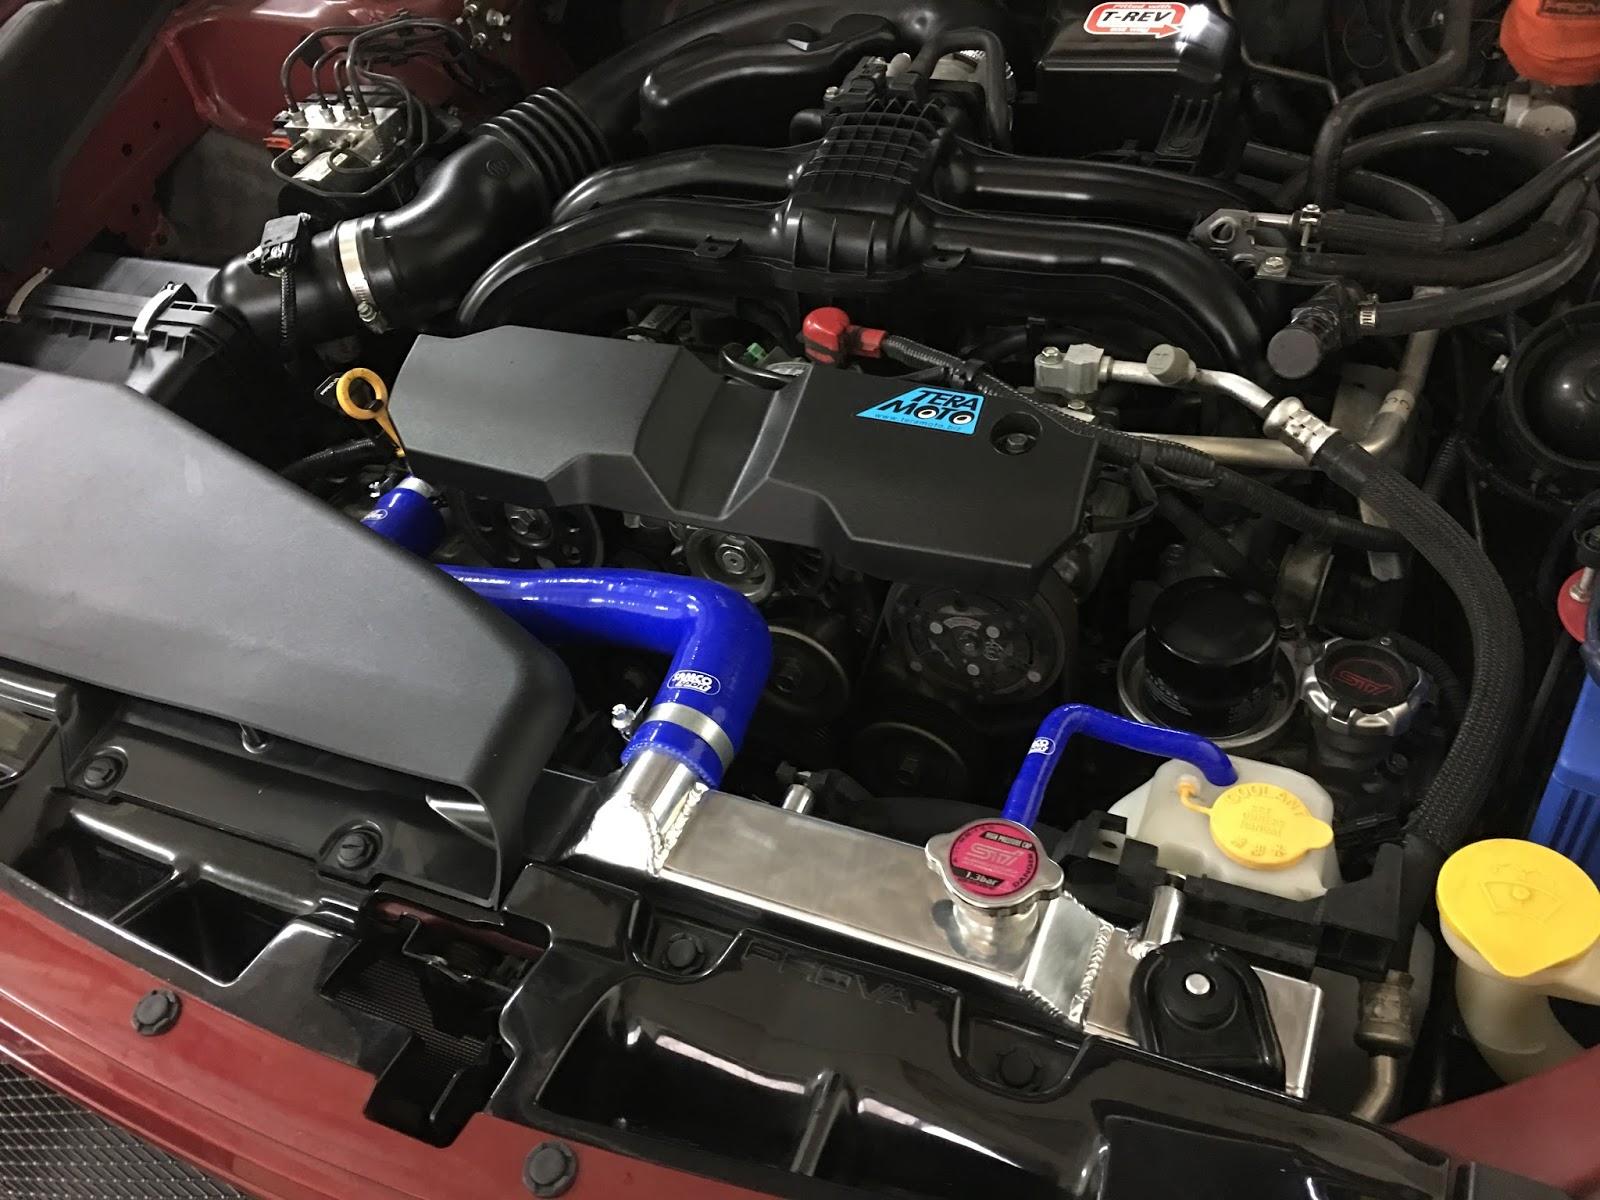 [傑誠國際 - JP Racing] 專業日系車改裝分享部落格: Subaru Legacy BR 更換 Koyo全鋁加大水箱 / 低溫水龜 / 防爆水管 /束環